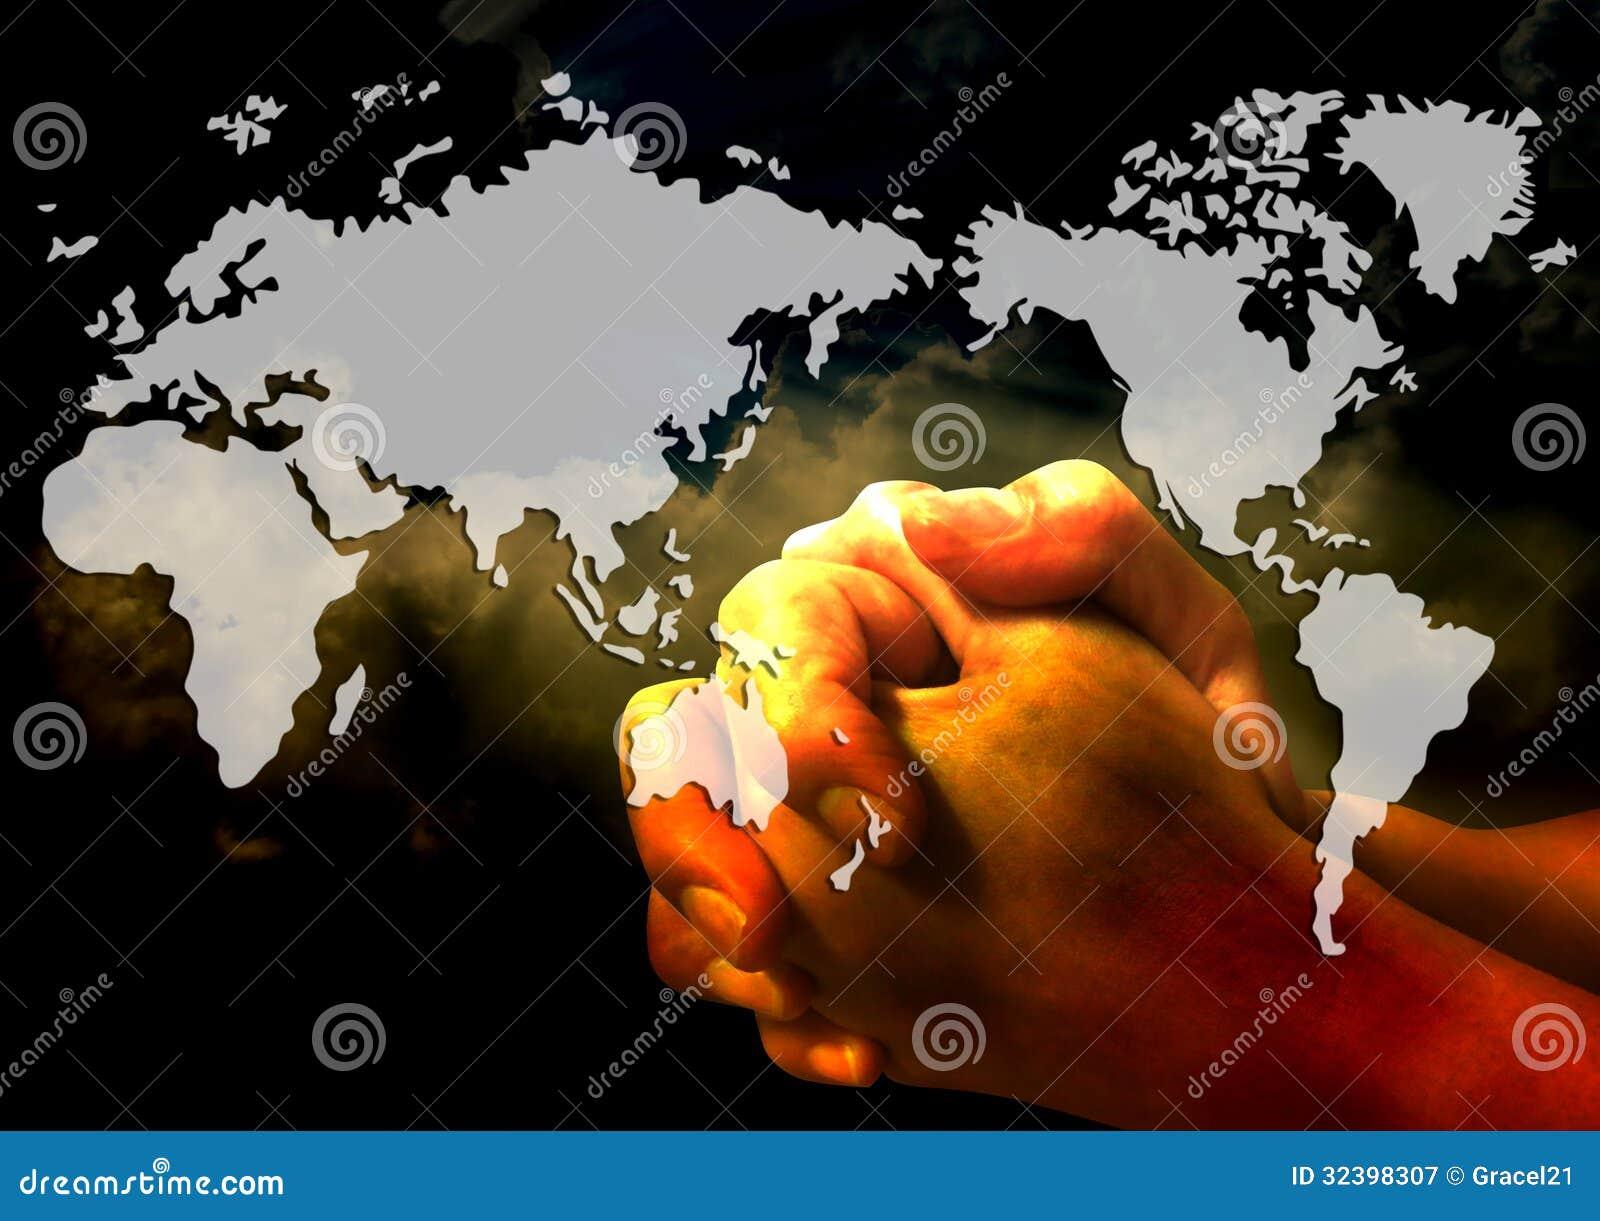 Pray for the world stock illustration. Illustration of crime